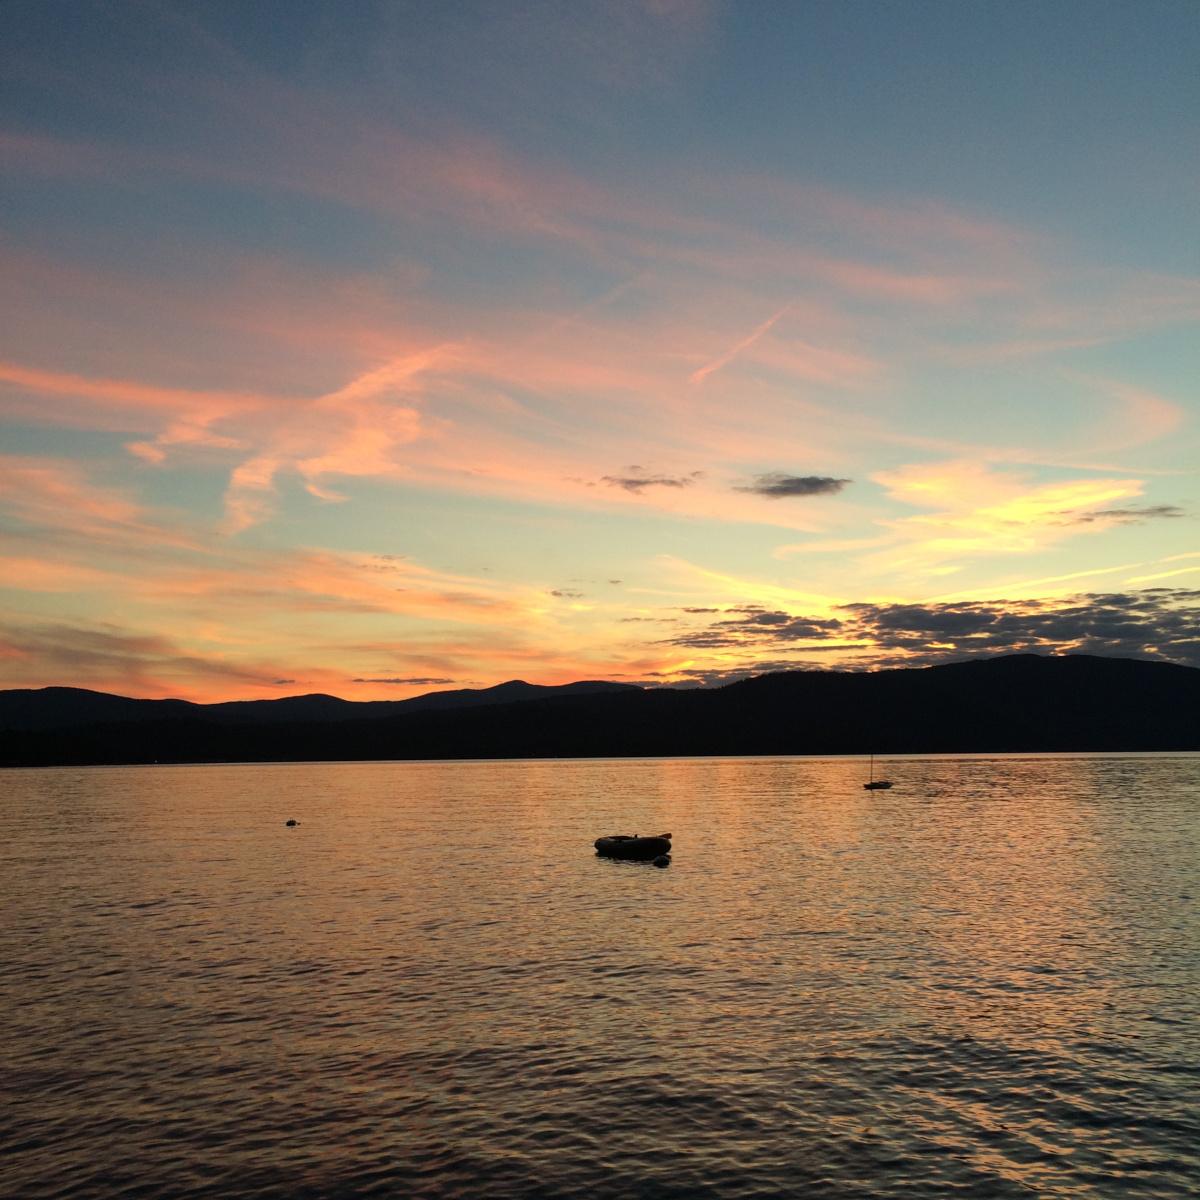 sunset2_smaller.JPG